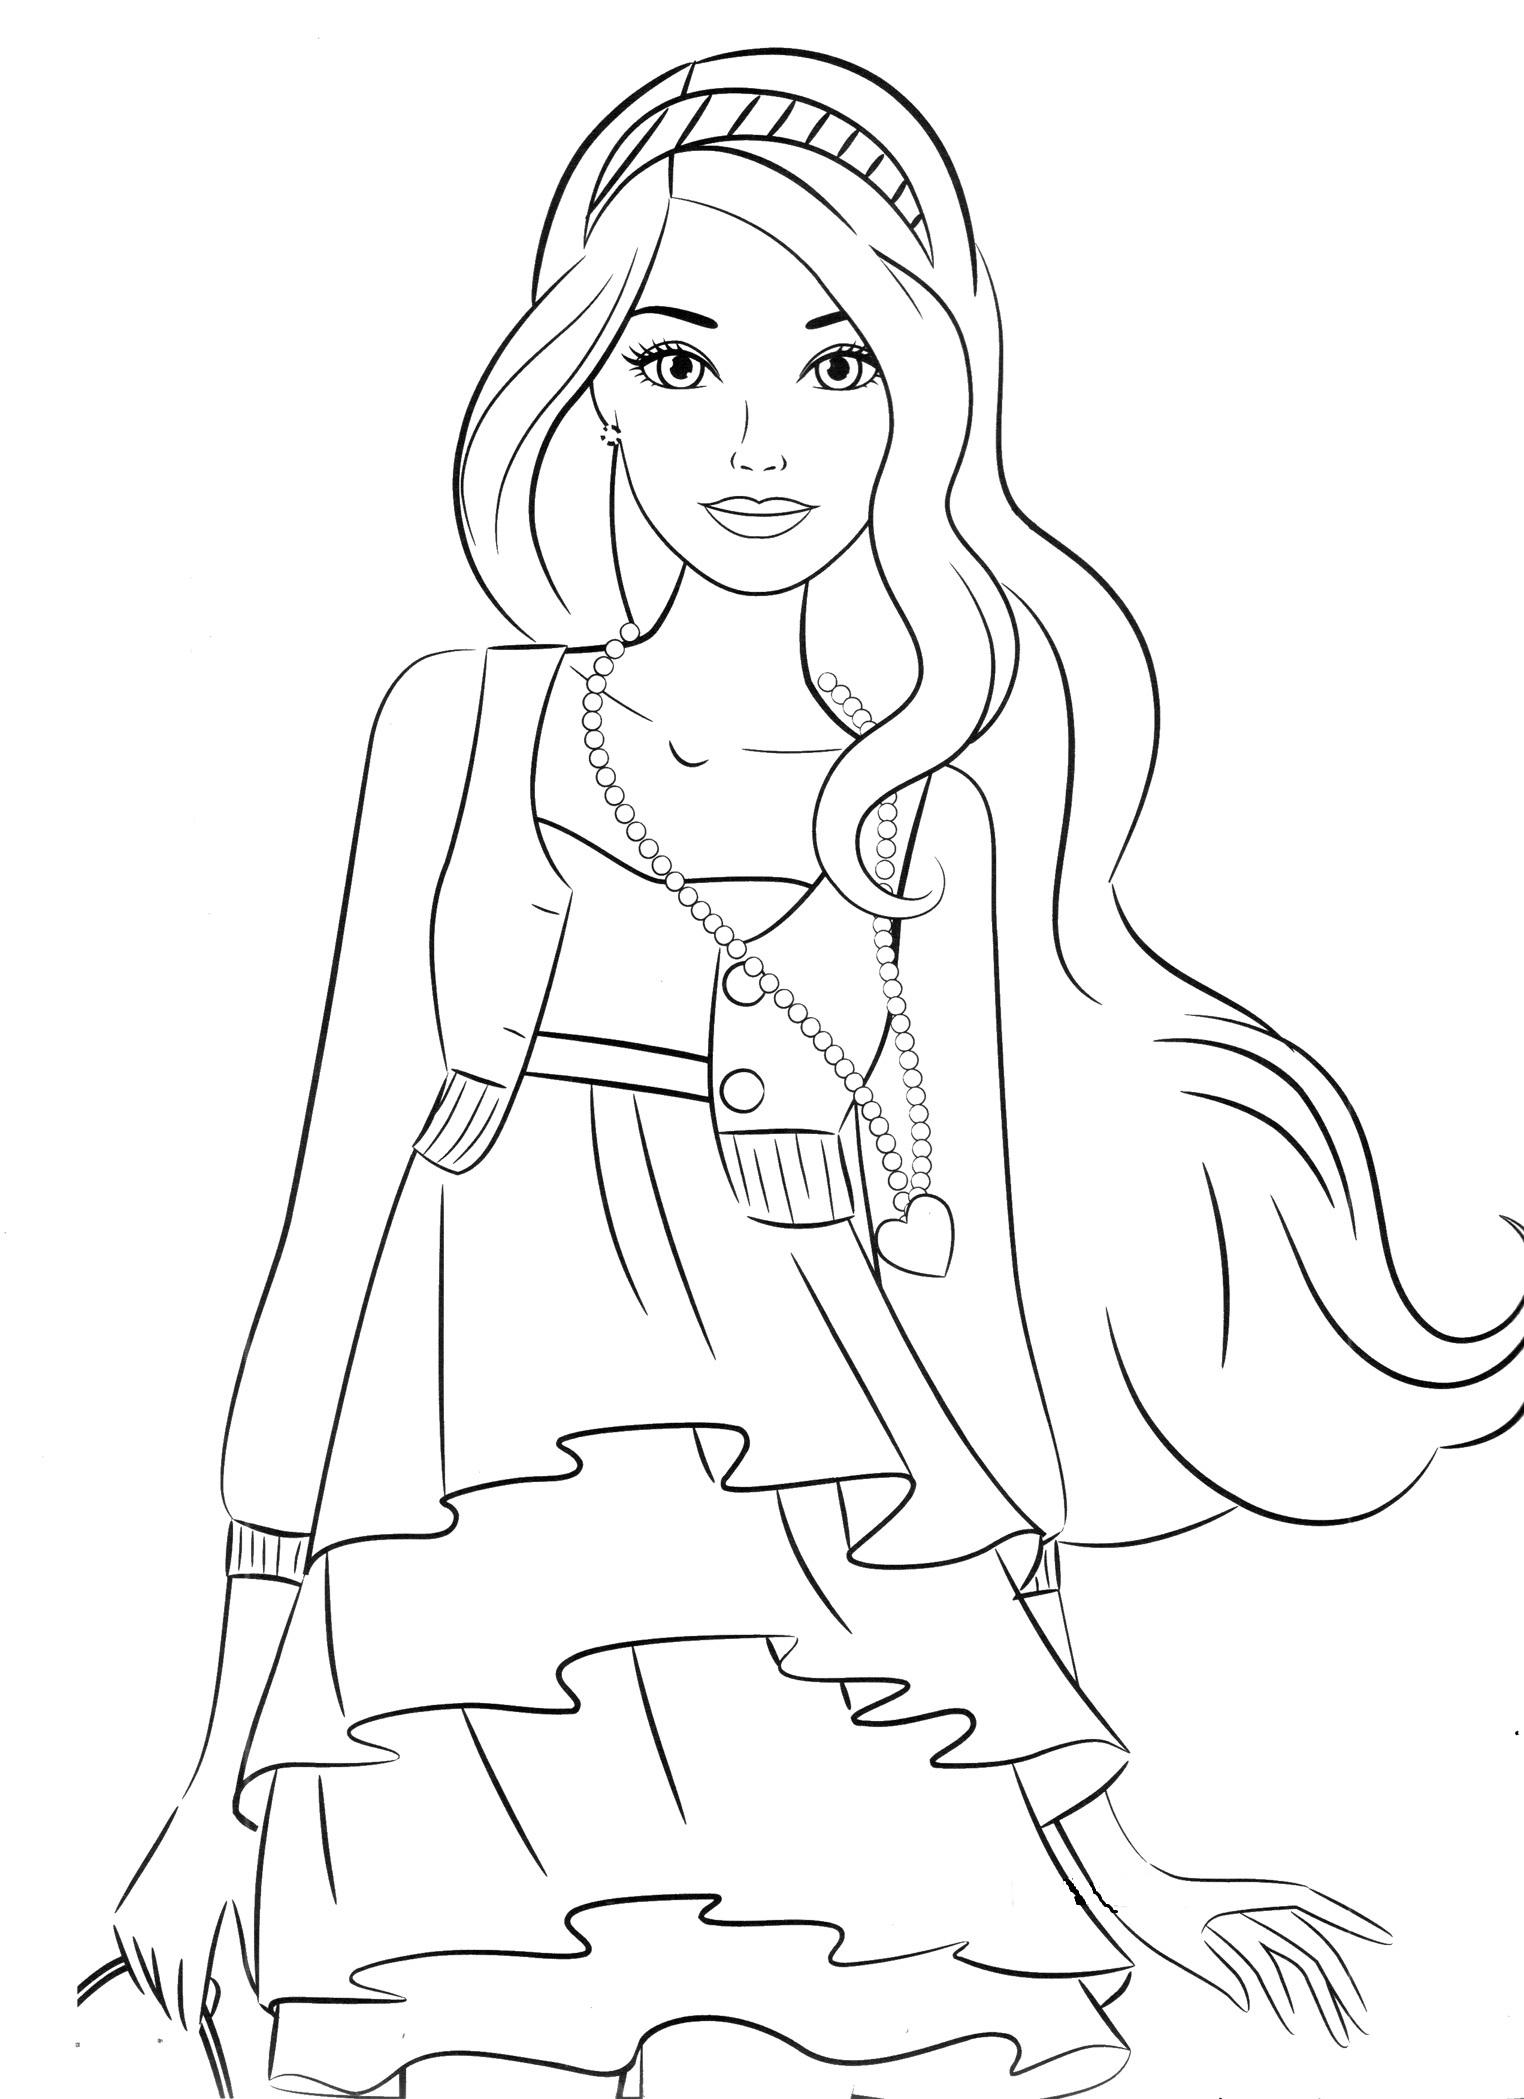 Раскраска для девочек 9 лет - 9